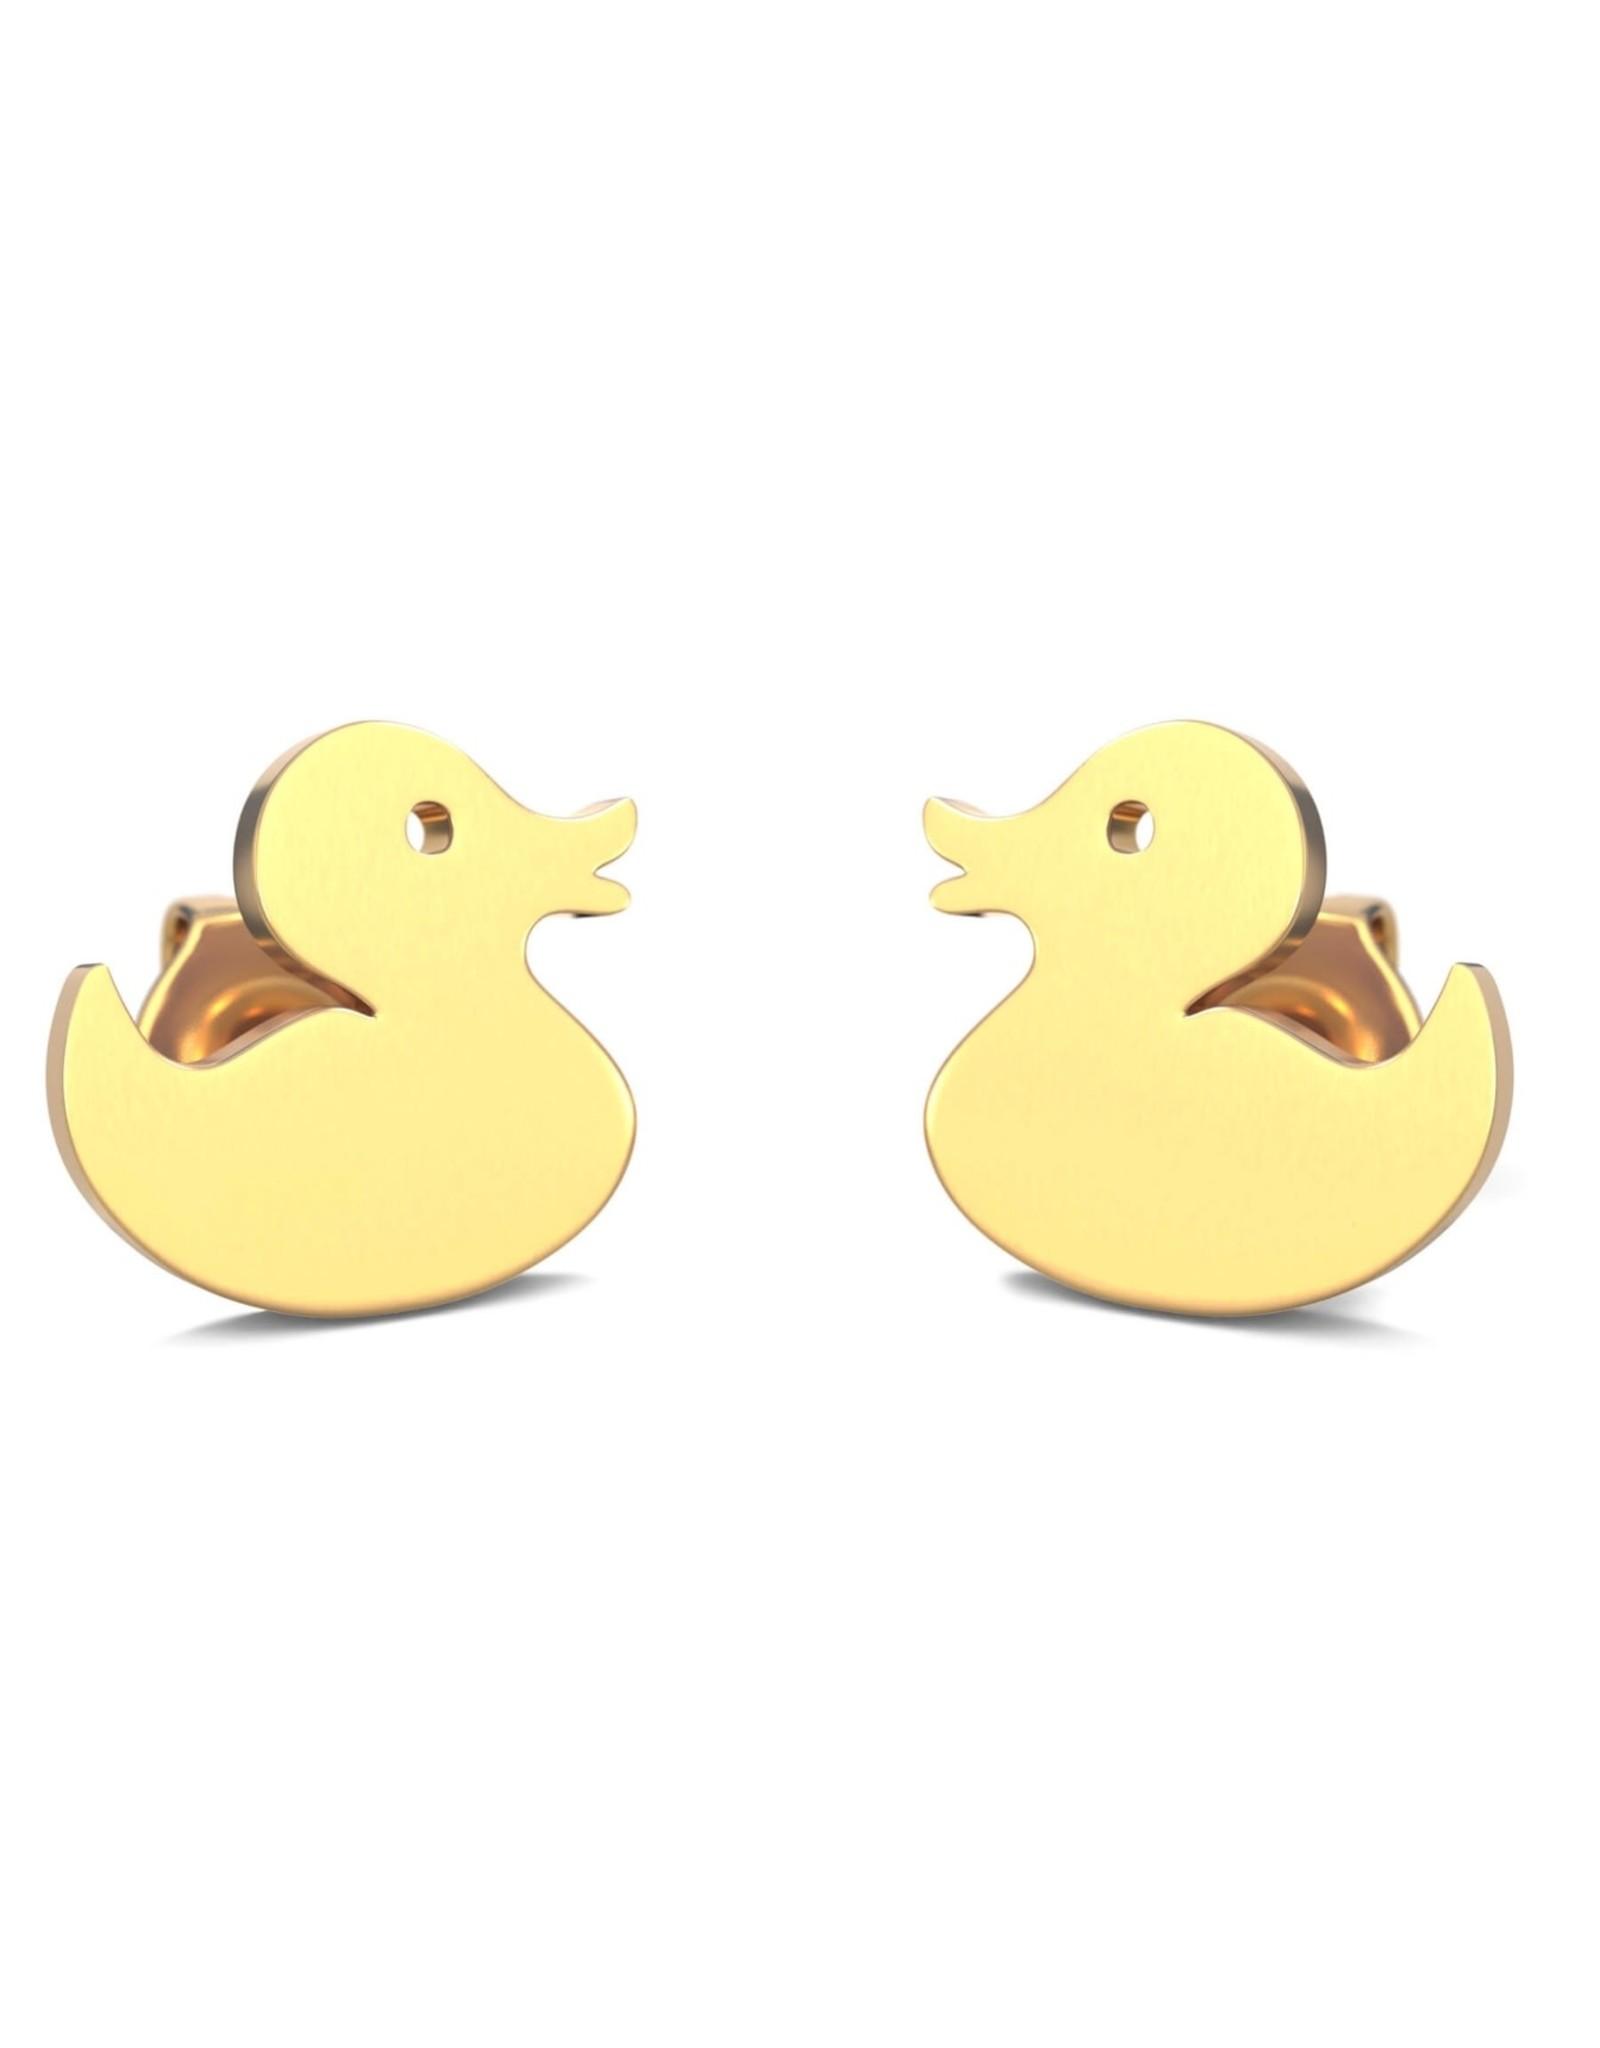 Rubber Duck Earrings - Gold